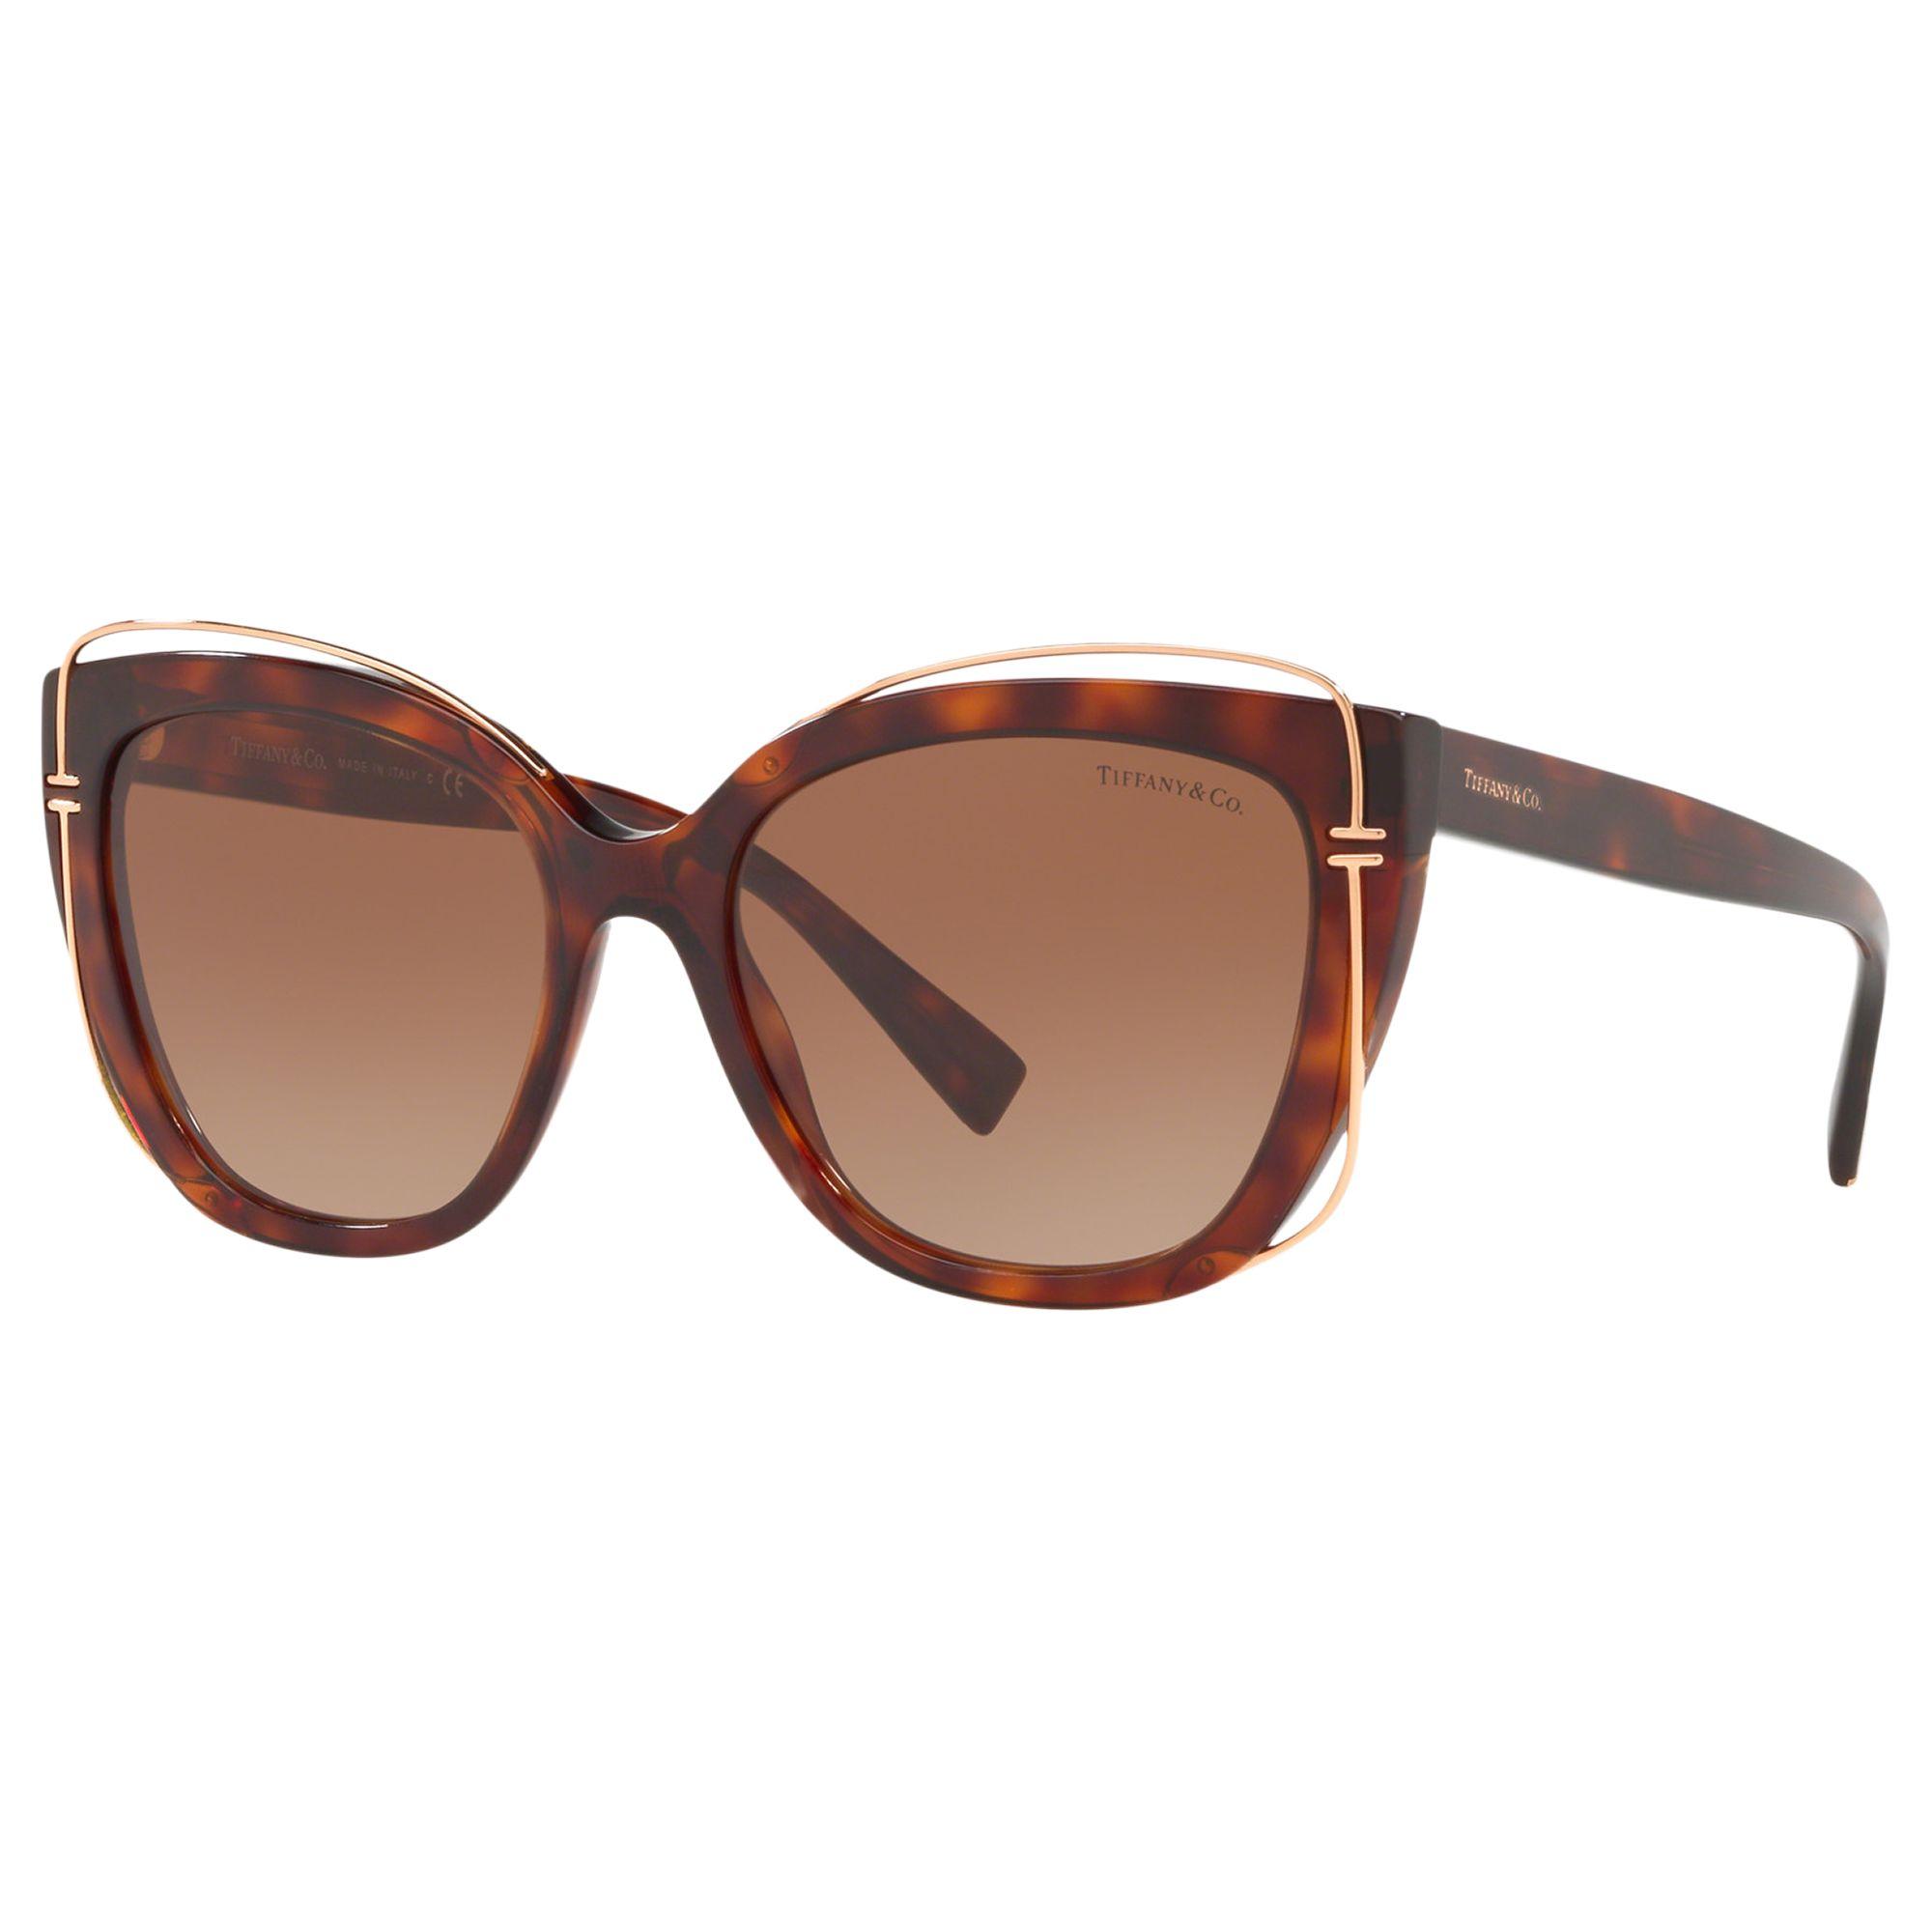 Tiffany & Co Tiffany & Co TF4148 Women's Cat's Eye Sunglasses